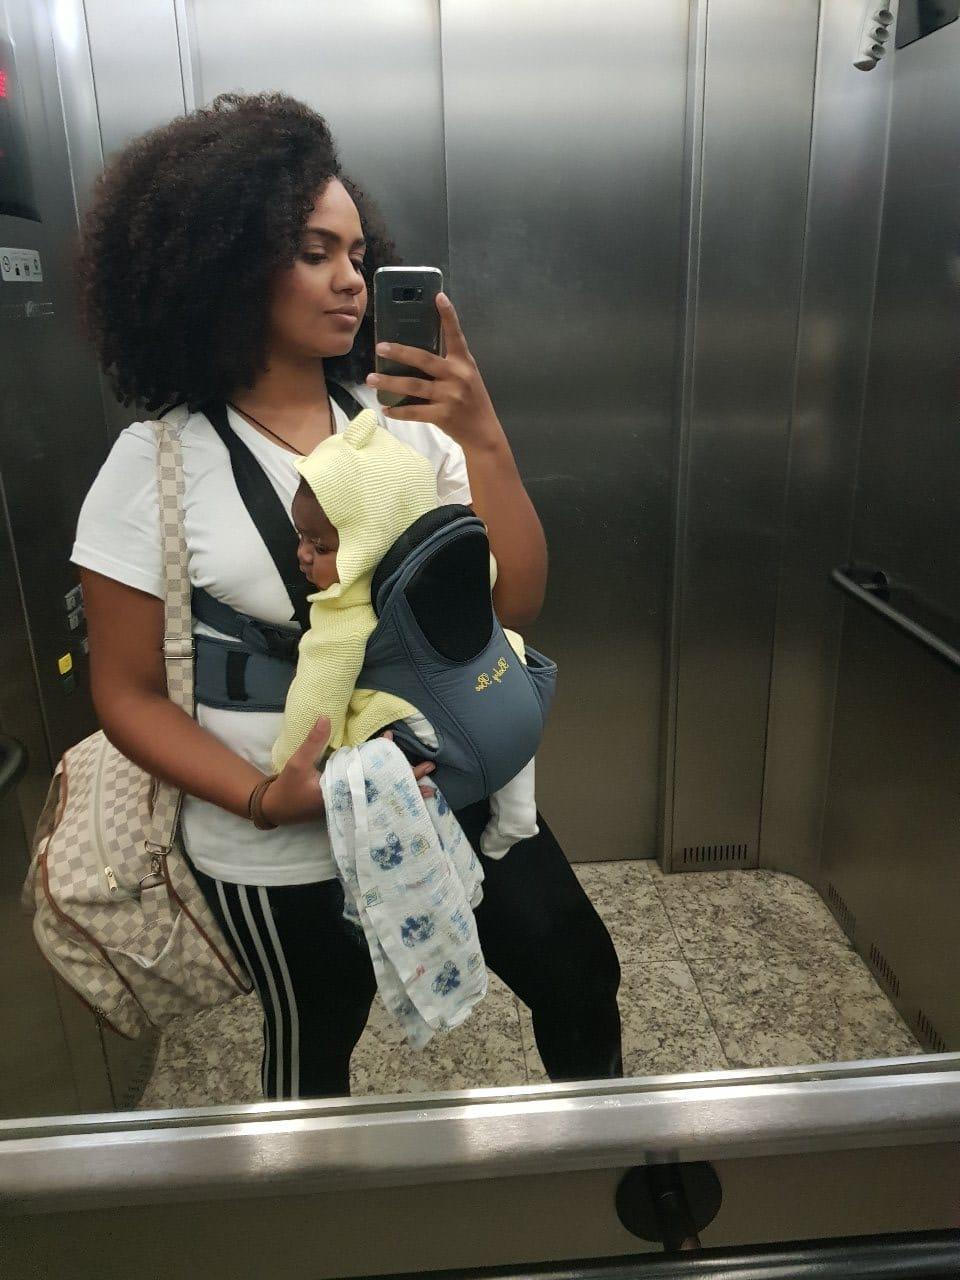 Mãe com filho em um canguru para bebê dentro do elevador